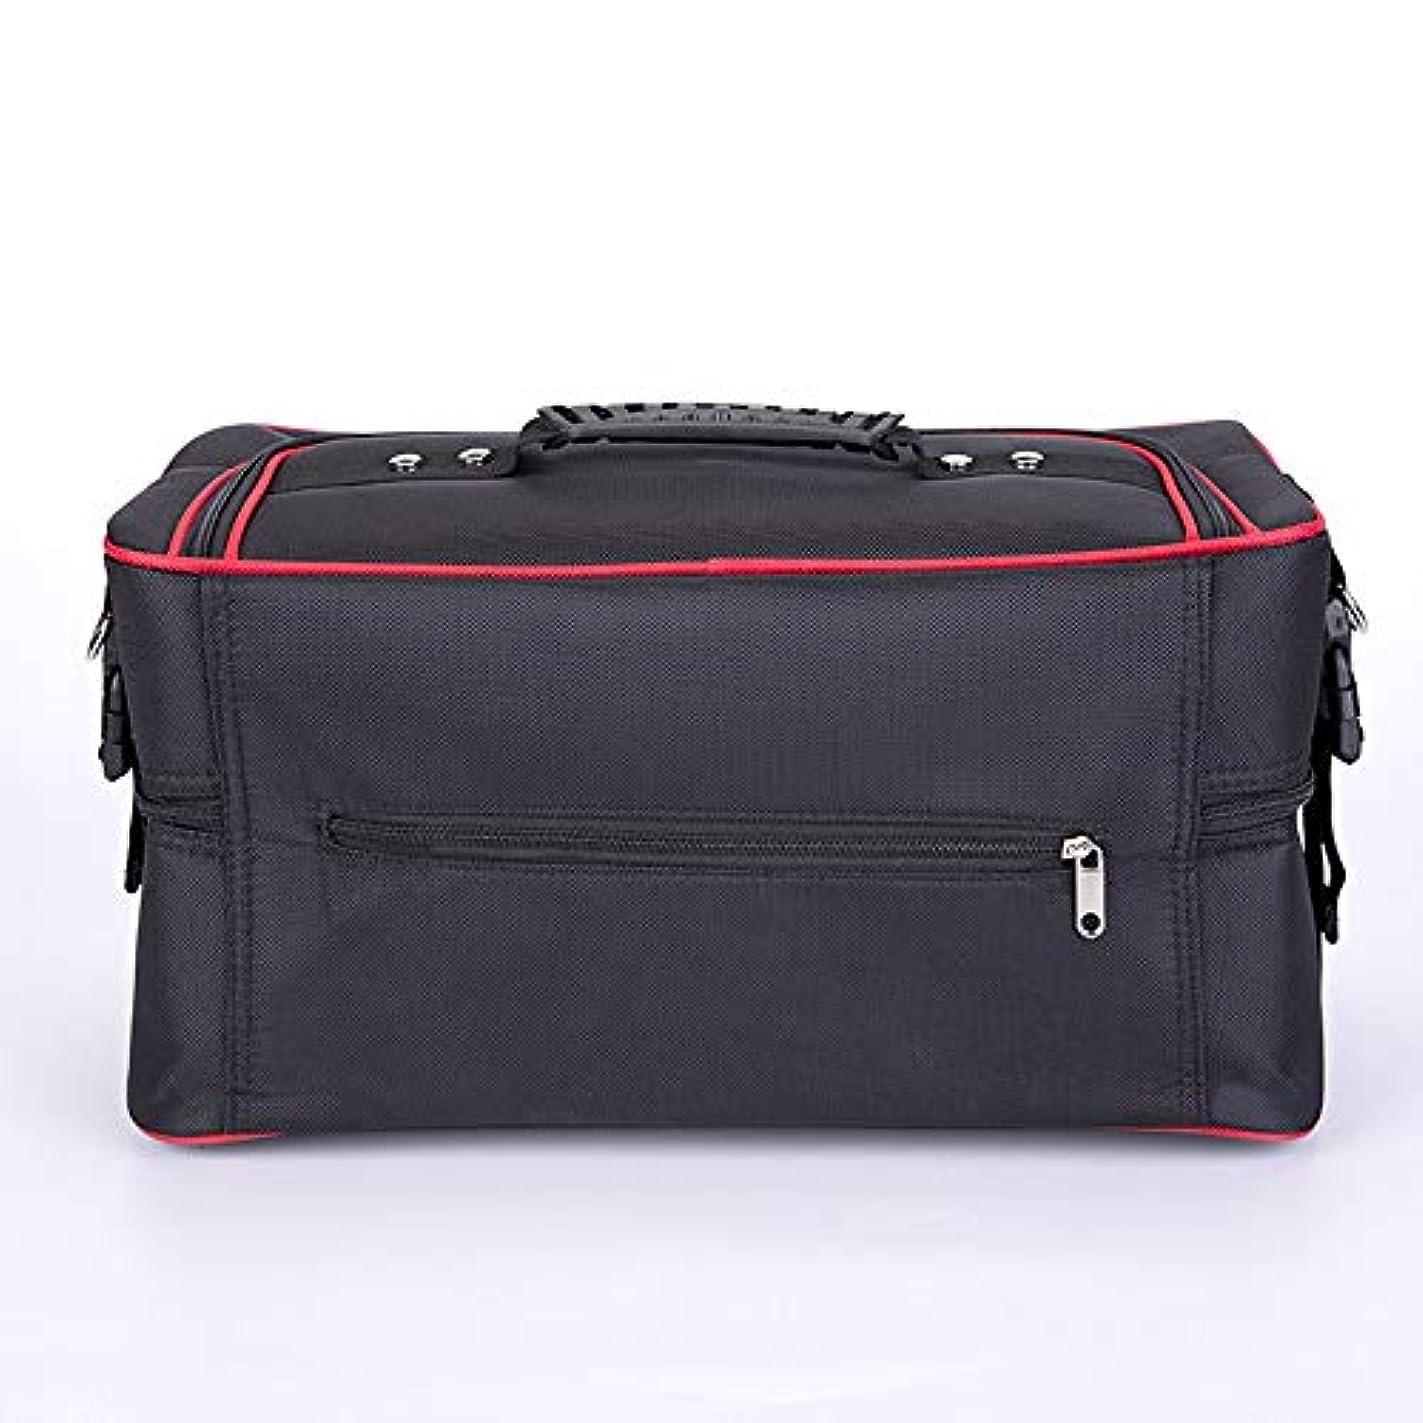 設計図ソート批判化粧オーガナイザーバッグ ジッパーで旅行と毎日のストレージのための美容メイクアップのポータブルカジュアルメイク化粧品収納ケース 化粧品ケース